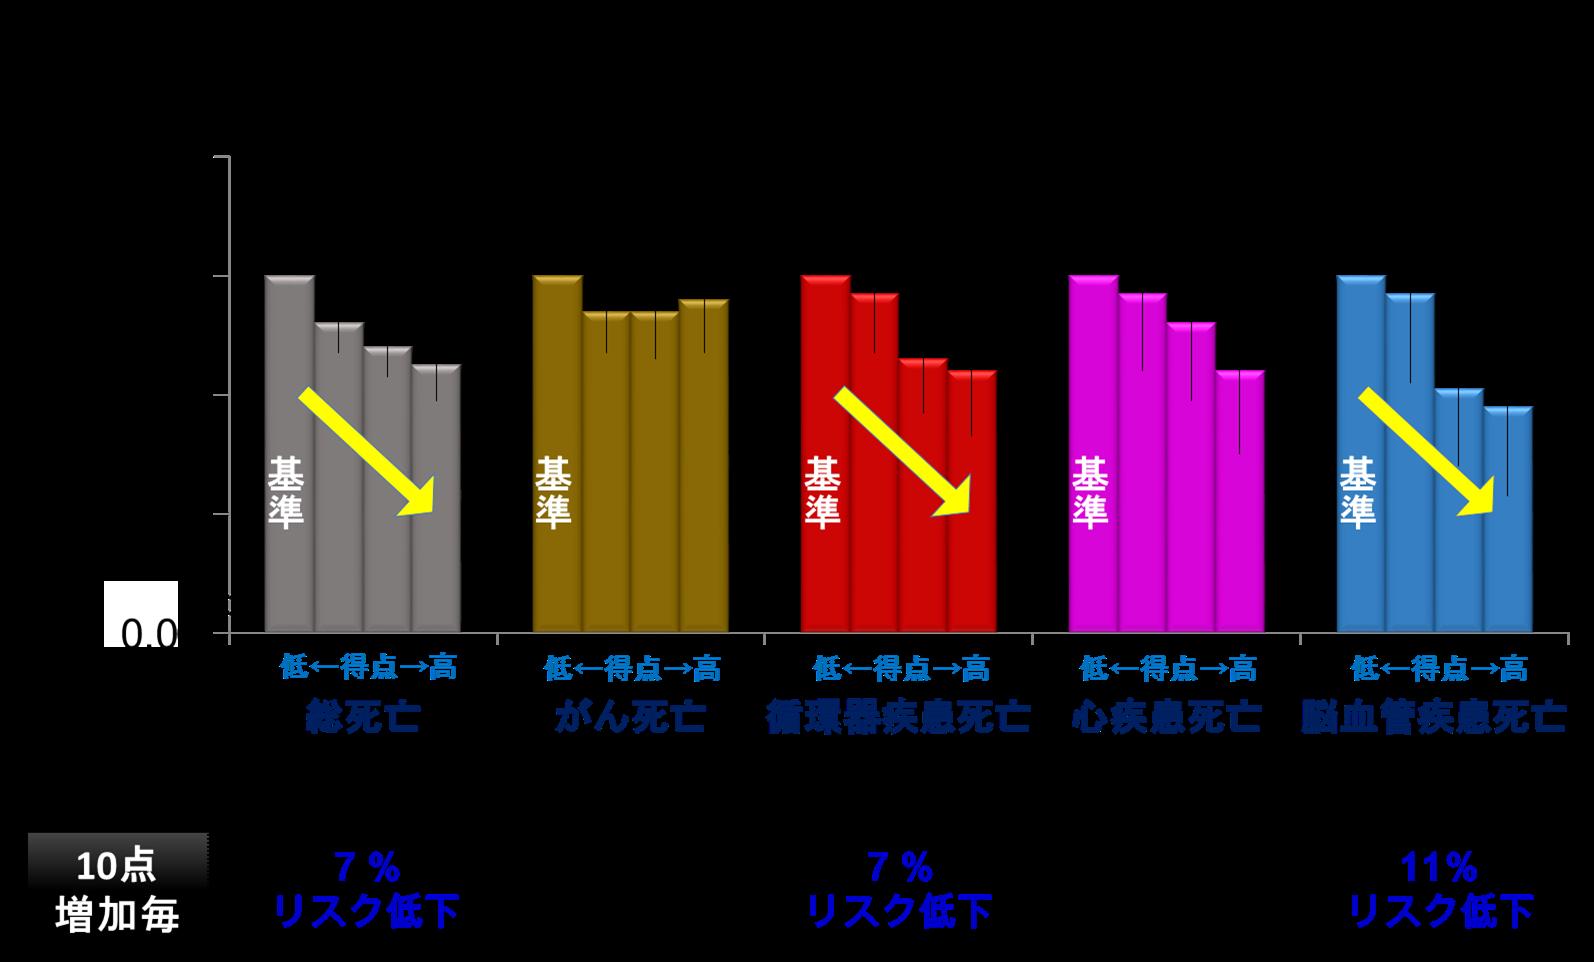 図:脳血管疾患死亡率